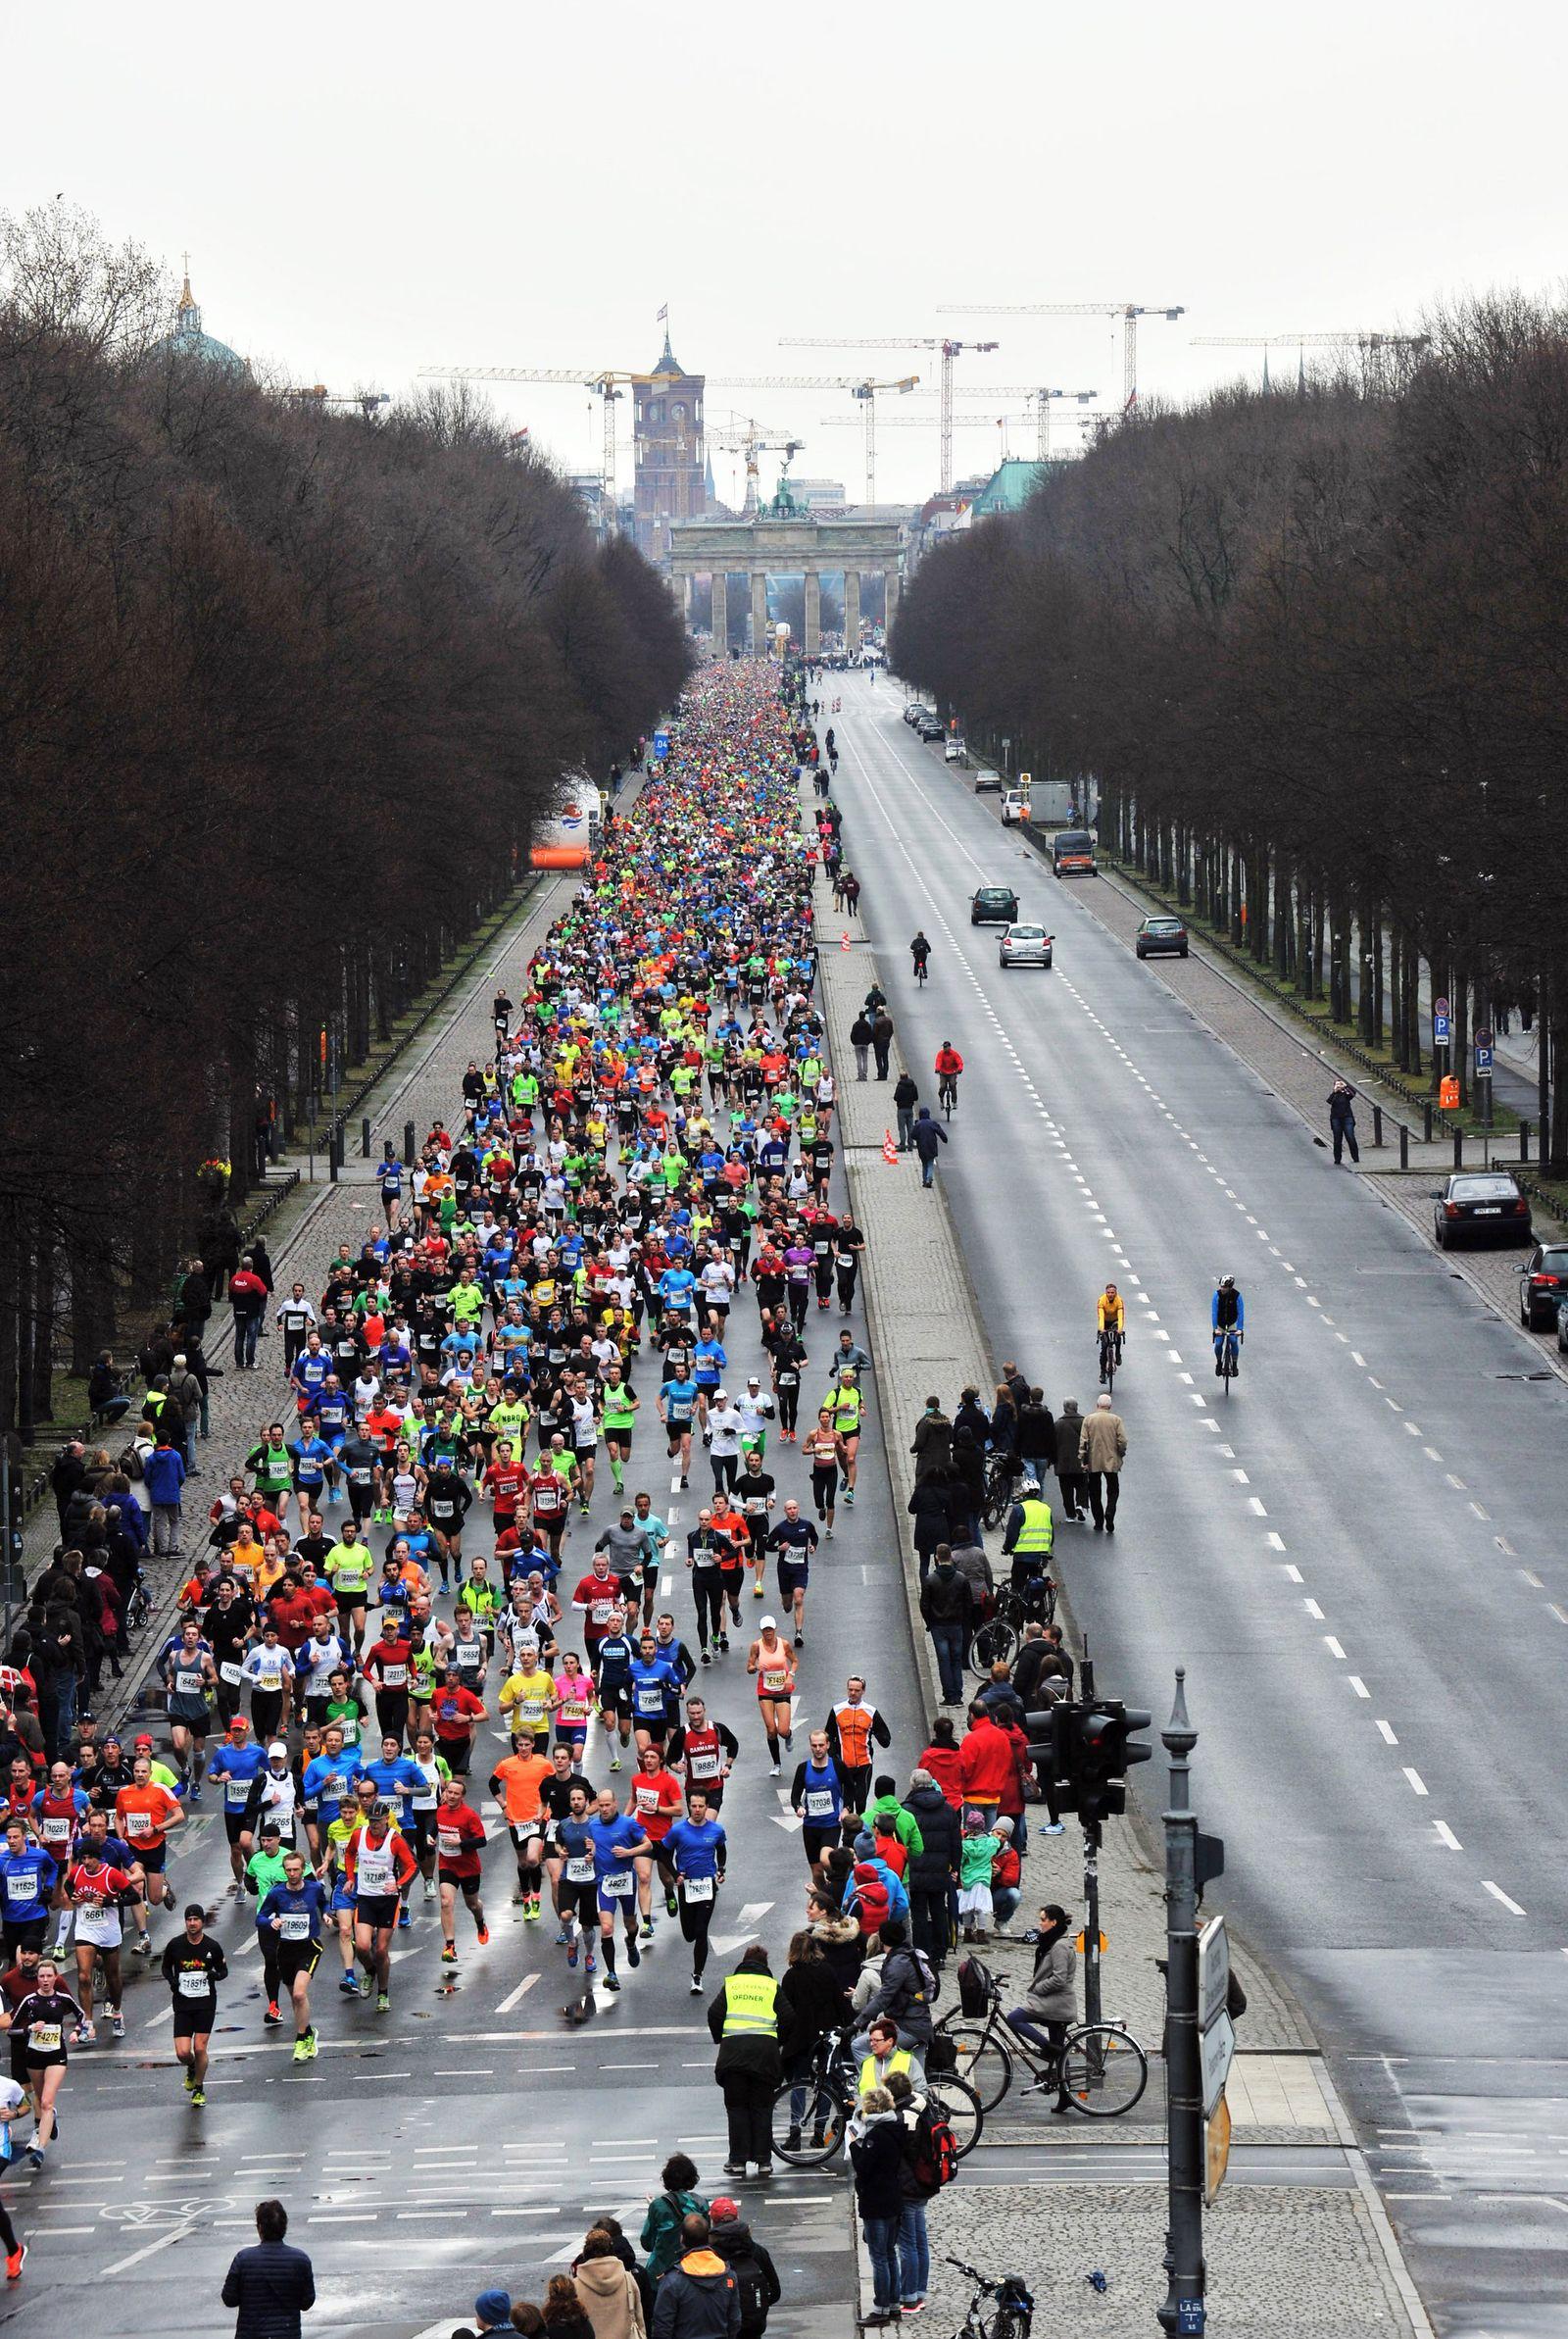 35. Berliner Halbmarathon / Berlin